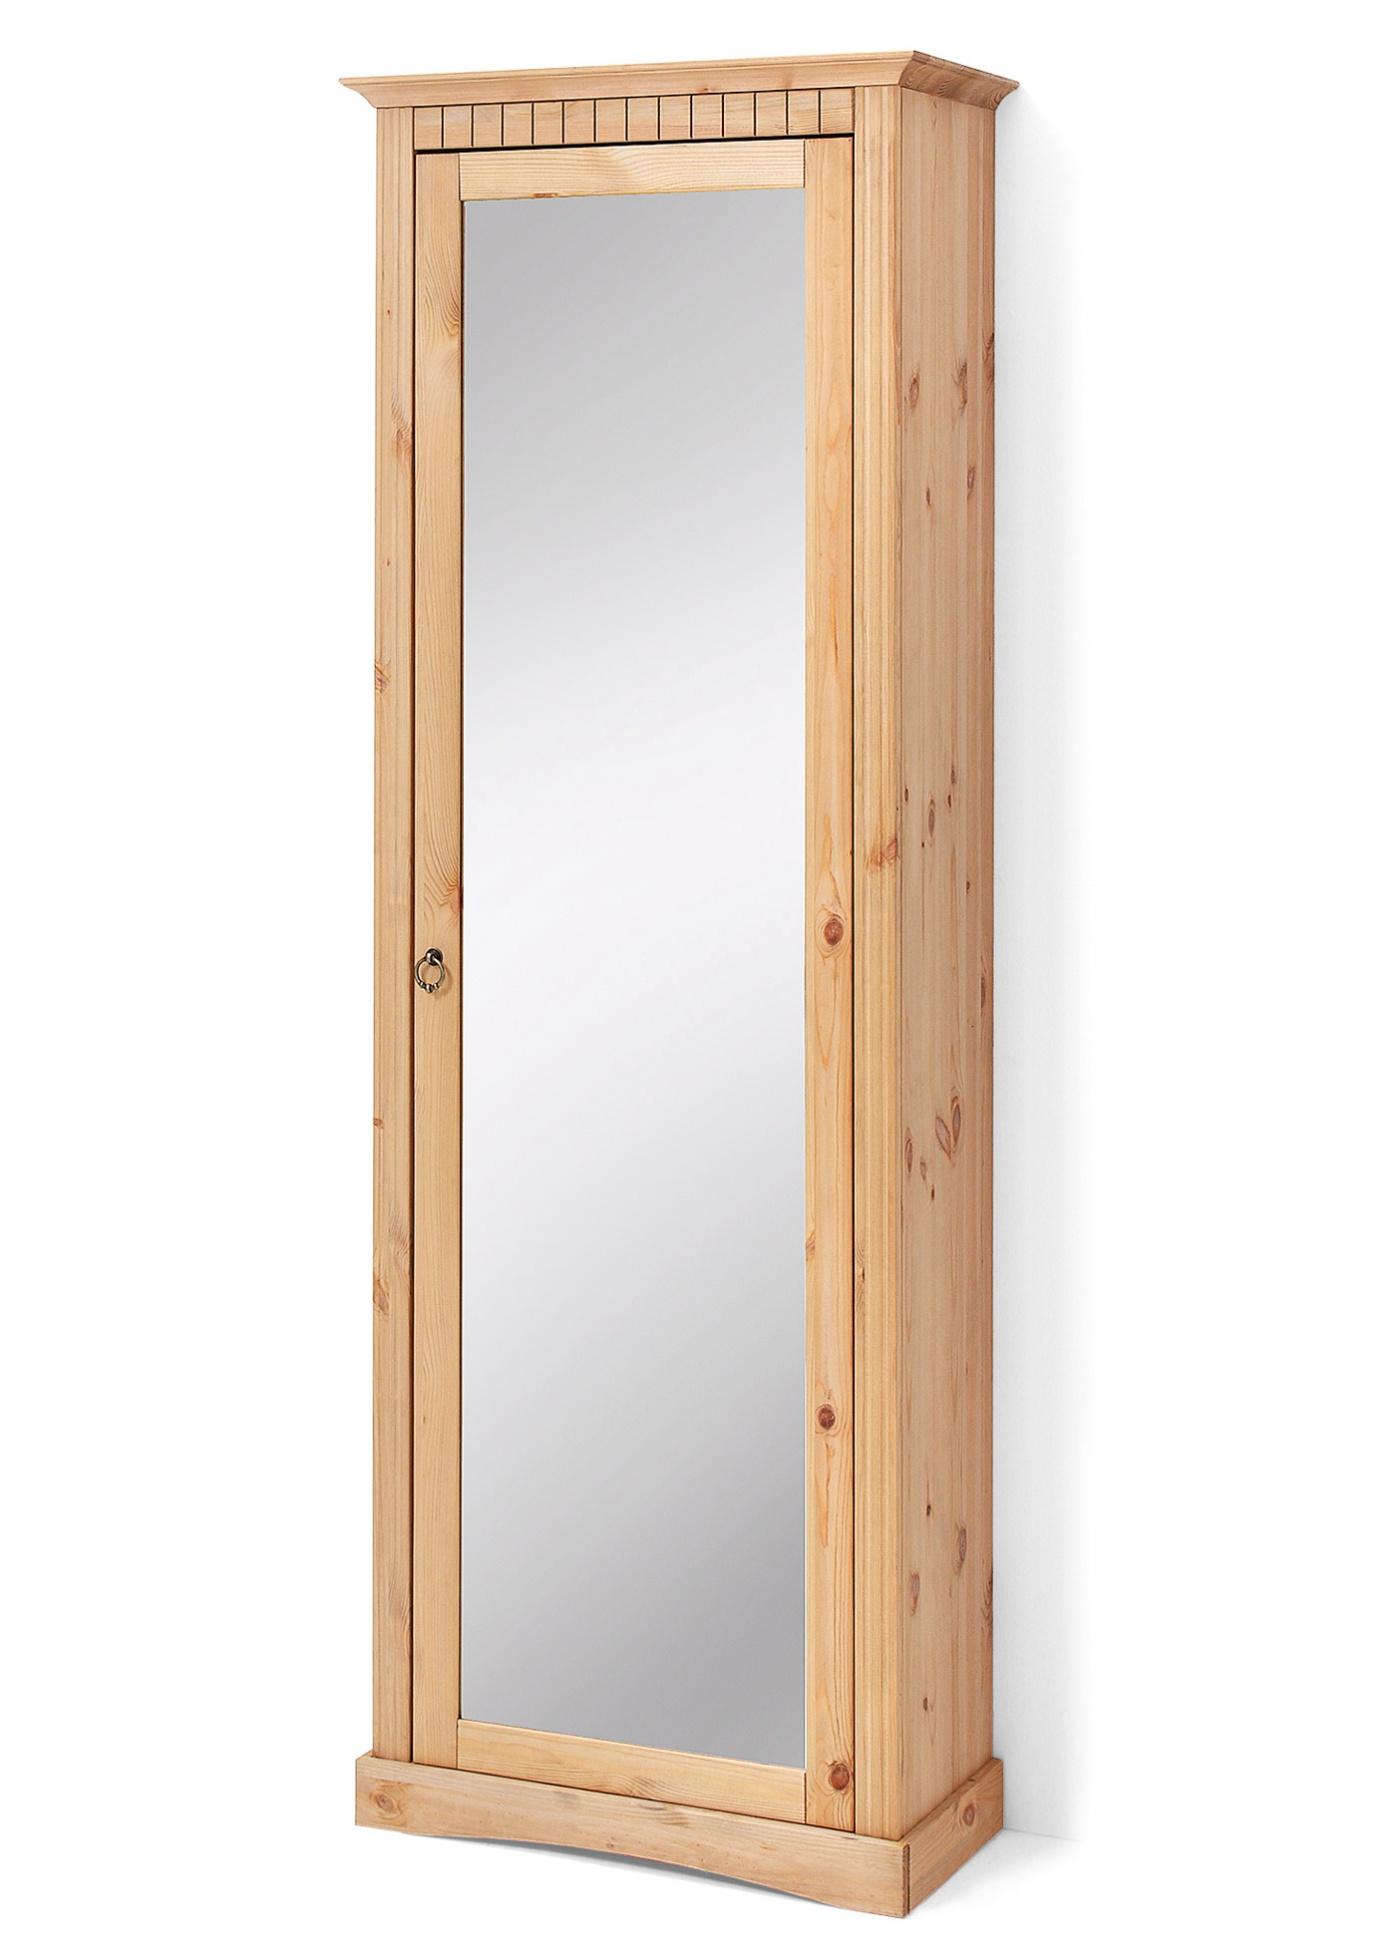 Spiegel schuhschrank buche preisvergleich die besten for Schuhschrank naturholz